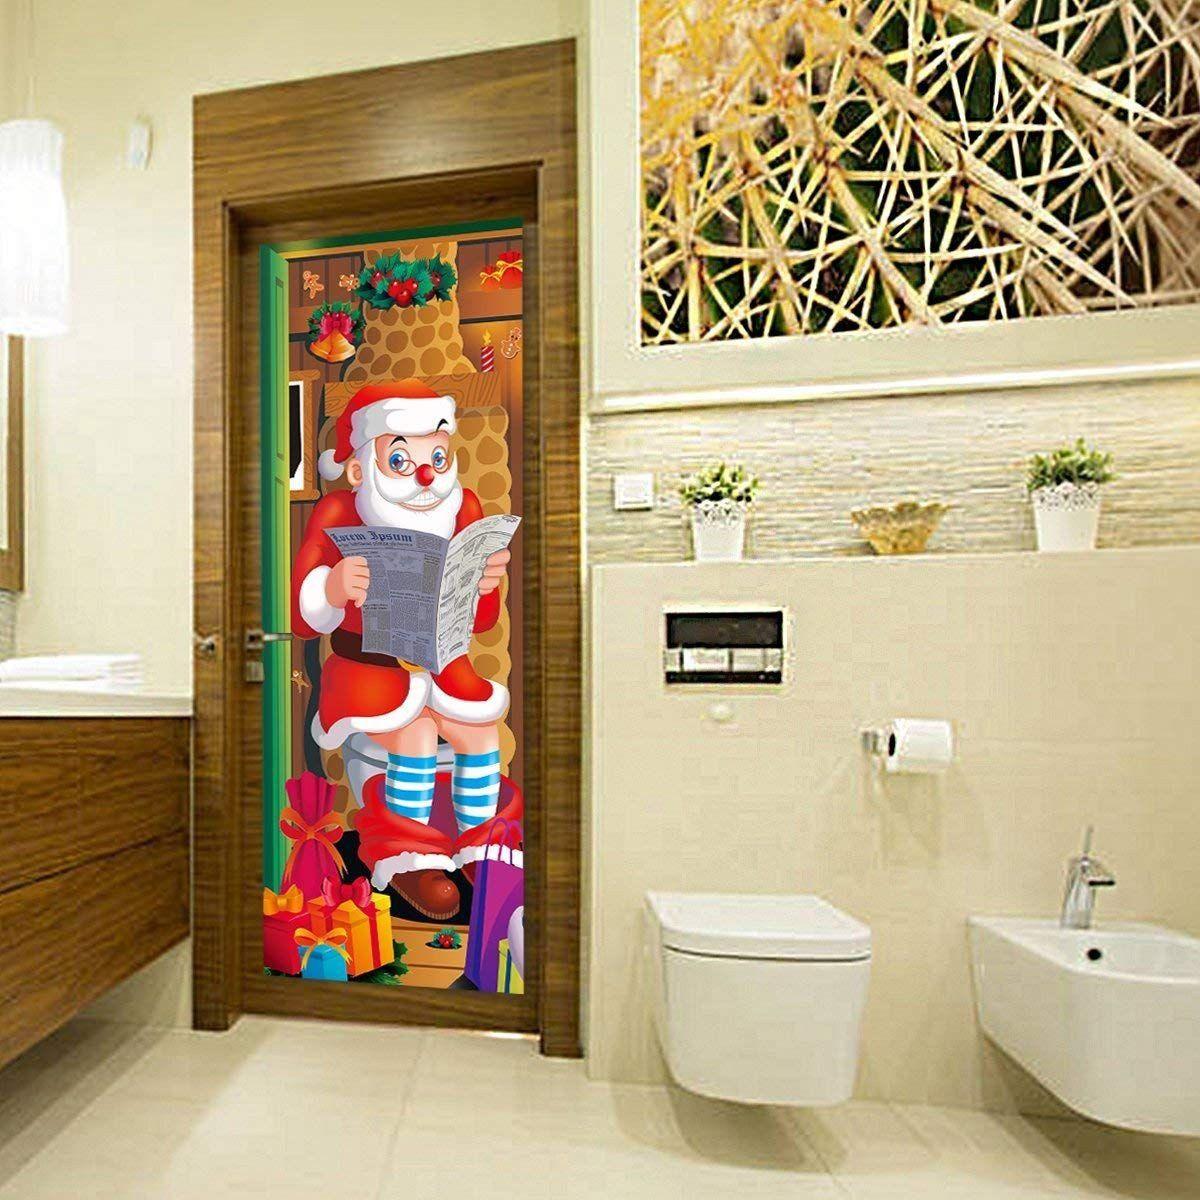 Bathroom Wall Decor Amazon New Amazon Unomor 9pcs Christmas Door